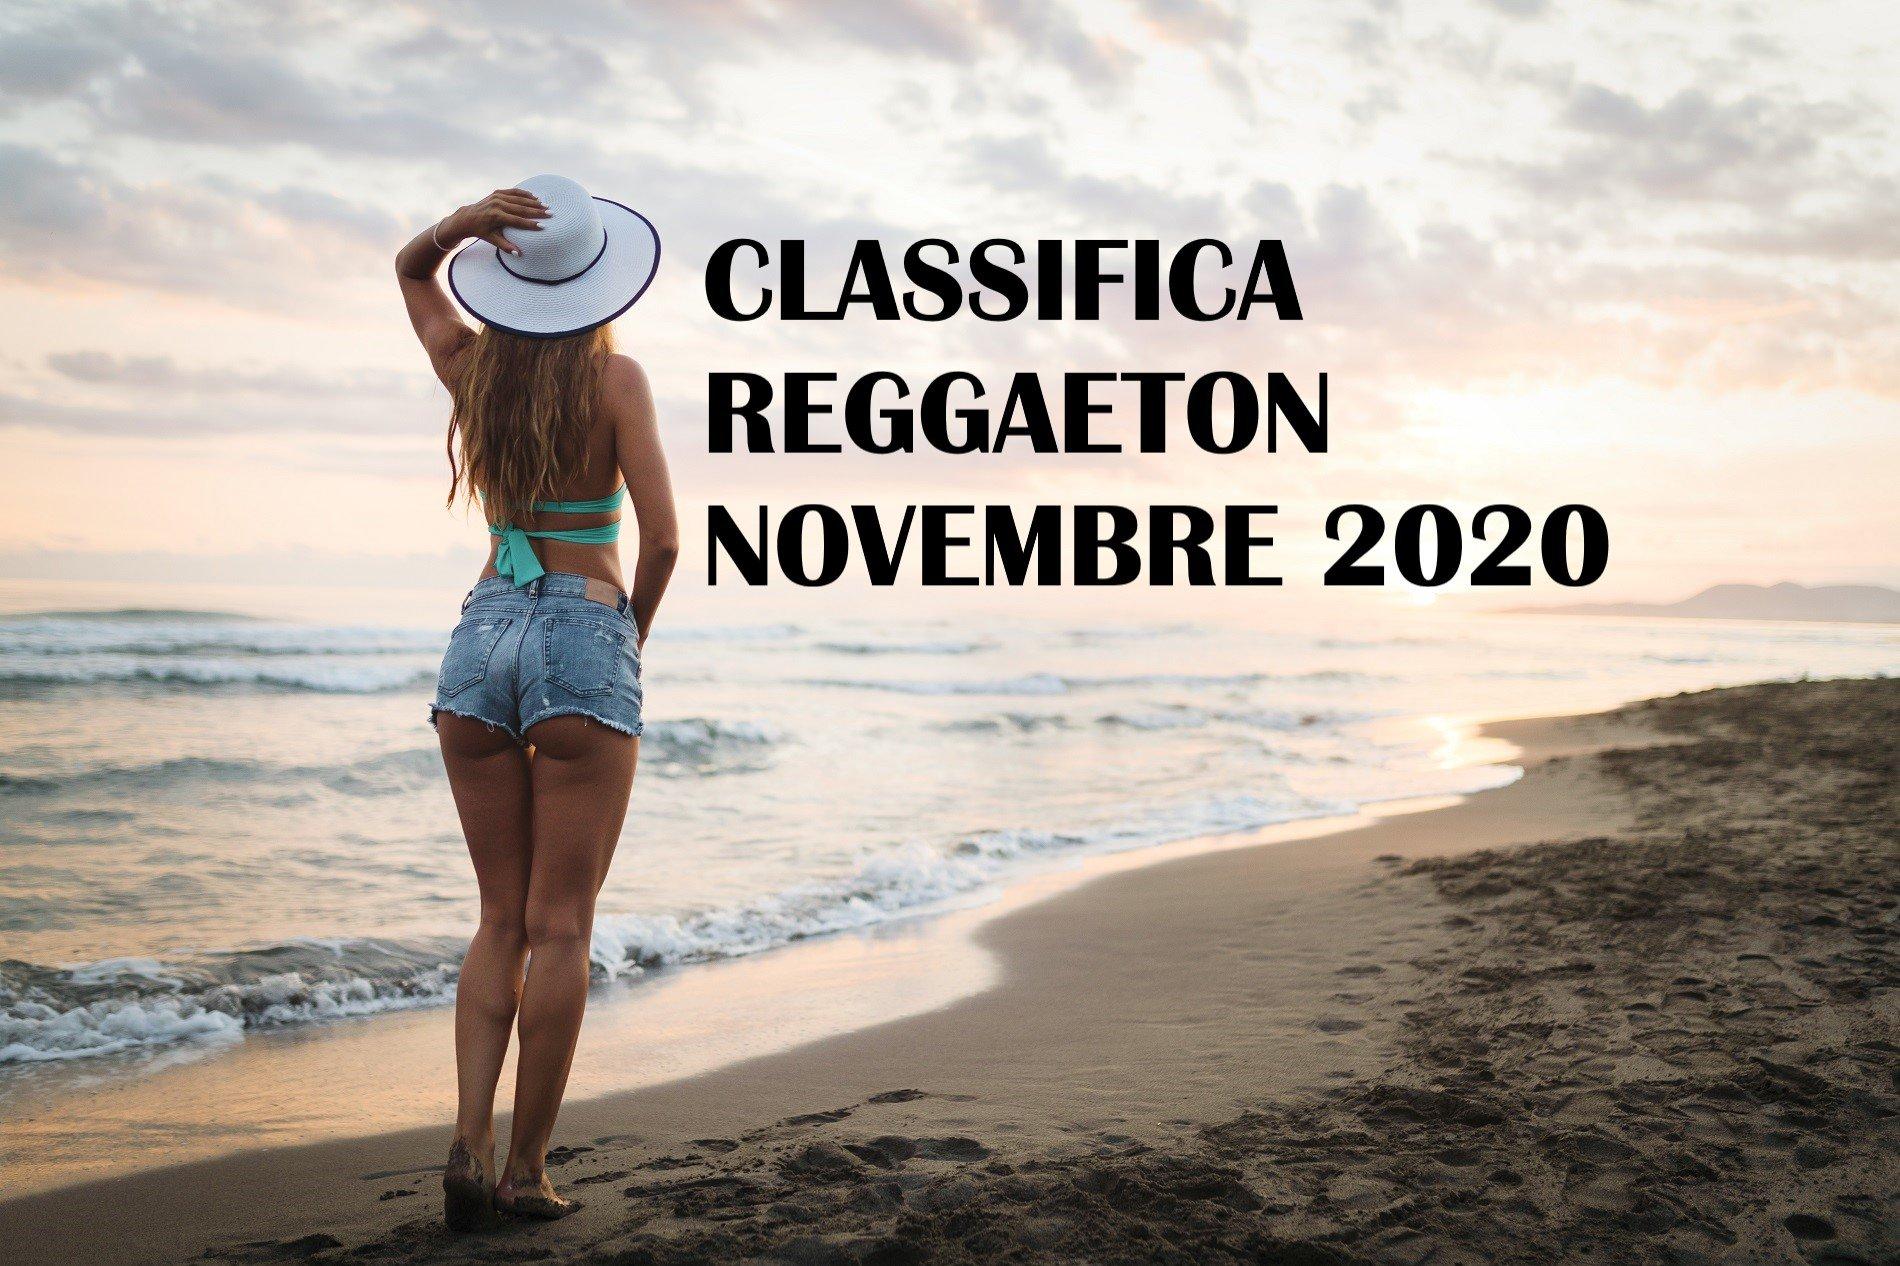 CLASSIFICA REGGAETON NOVEMBRE 2020 – LA MIGLIORE MUSICA REGGAETON NOVEMBRE 2020